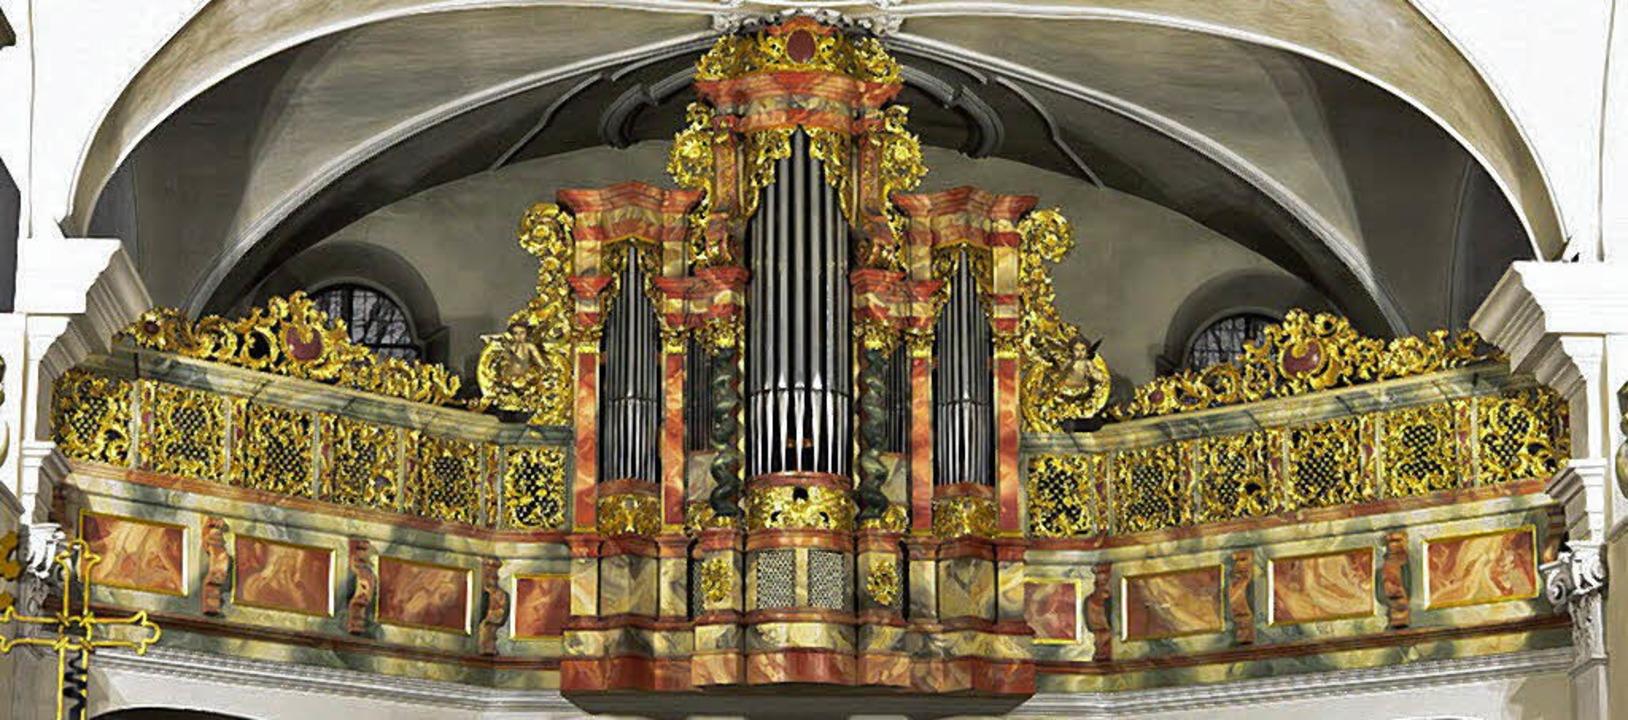 Die Silbermann-Orgel in der Klosterkirche Unserer Lieben Frau   | Foto: Karl Schlessmann